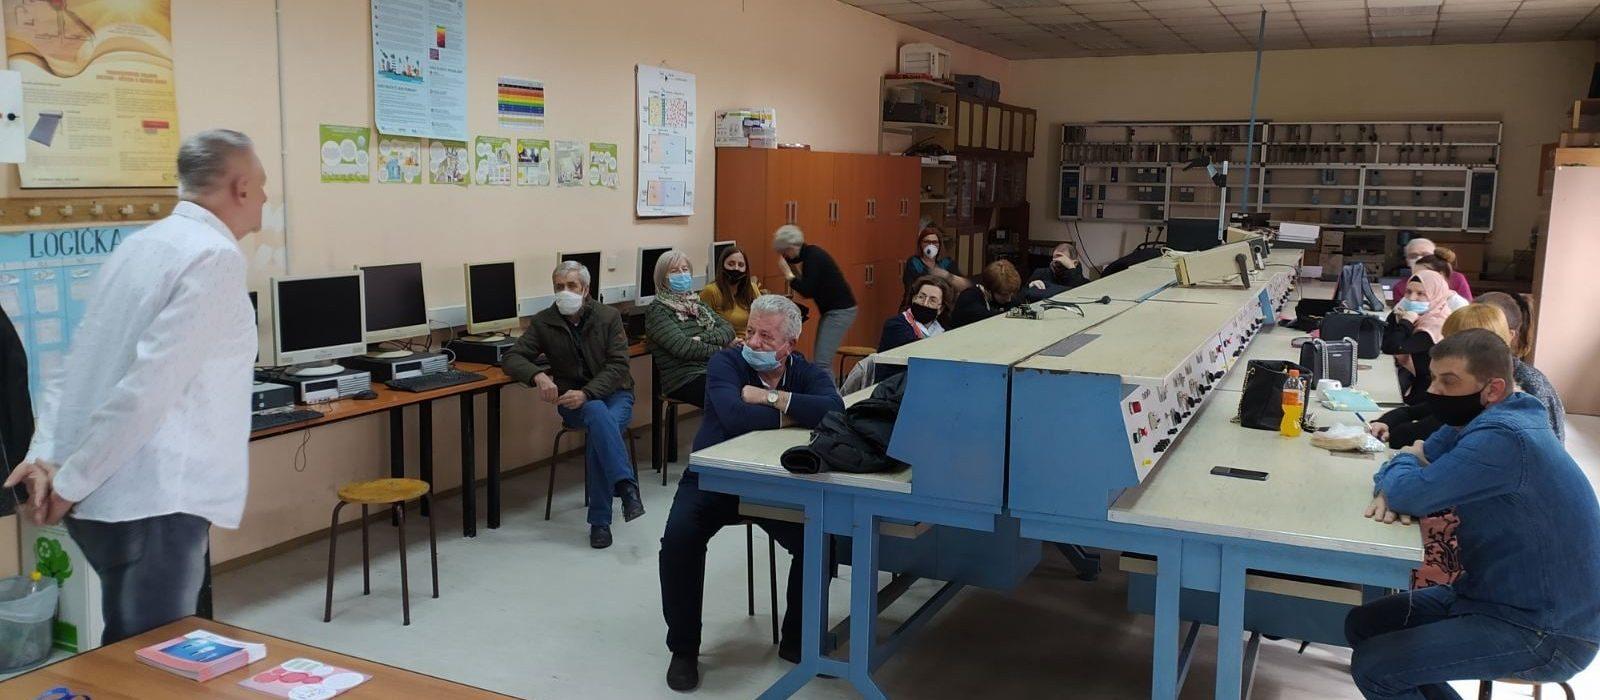 CEE: U Tuzli održana radionica na kojoj je prezentiran Priručnik za profesore i učenike elektro struke